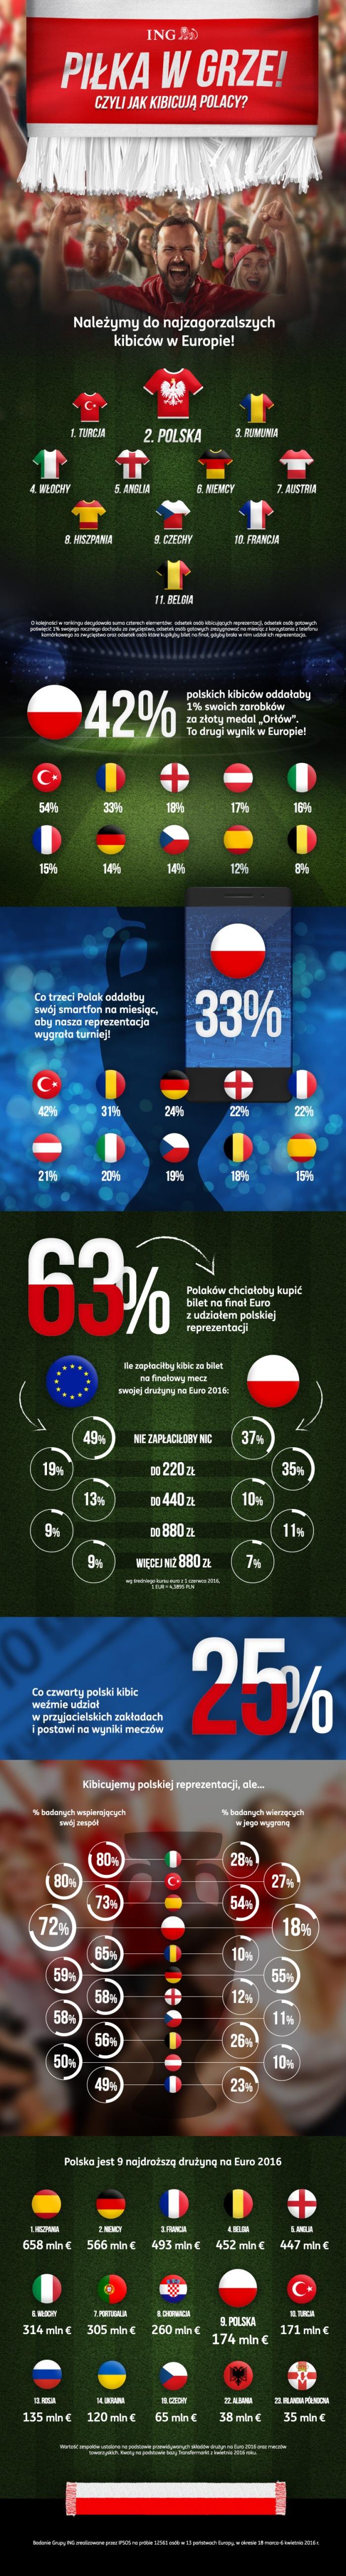 cup_o_nomics_ing_infografika